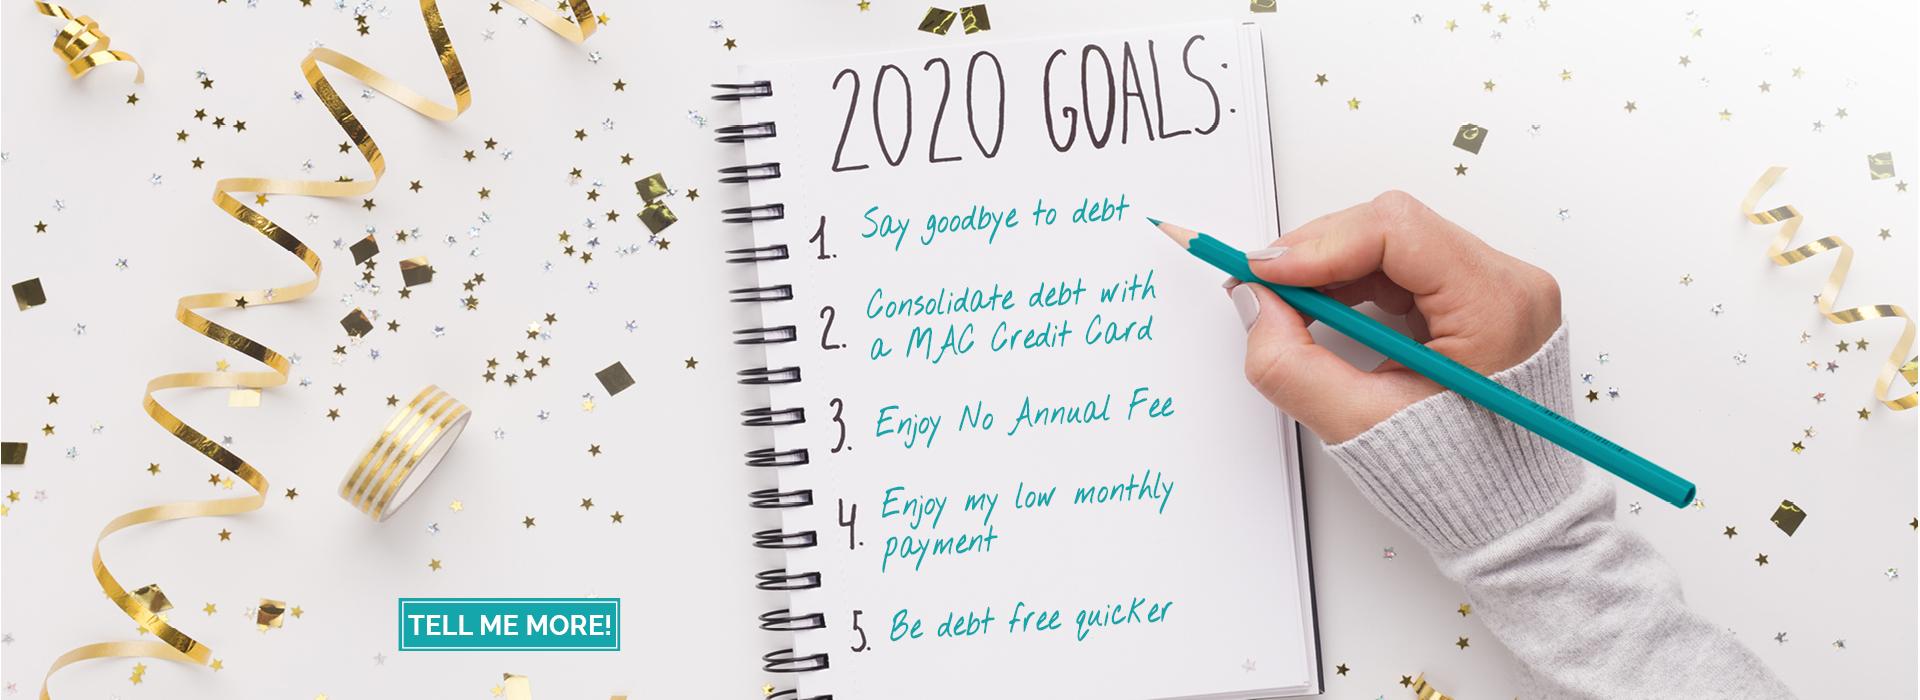 2020 Goals Checklist